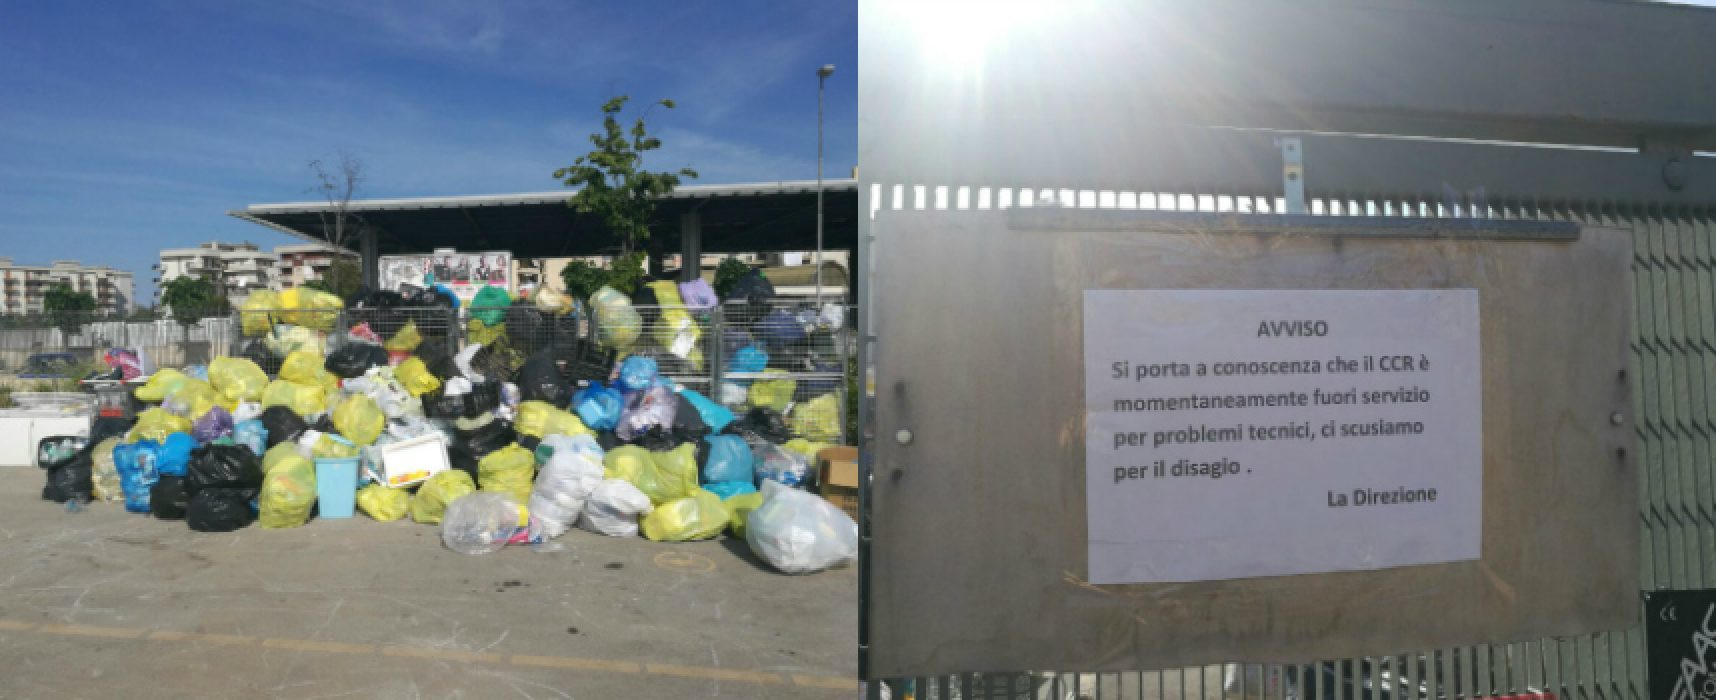 Centro raccolta comunale di via Padre Kolbe temporaneamente chiuso